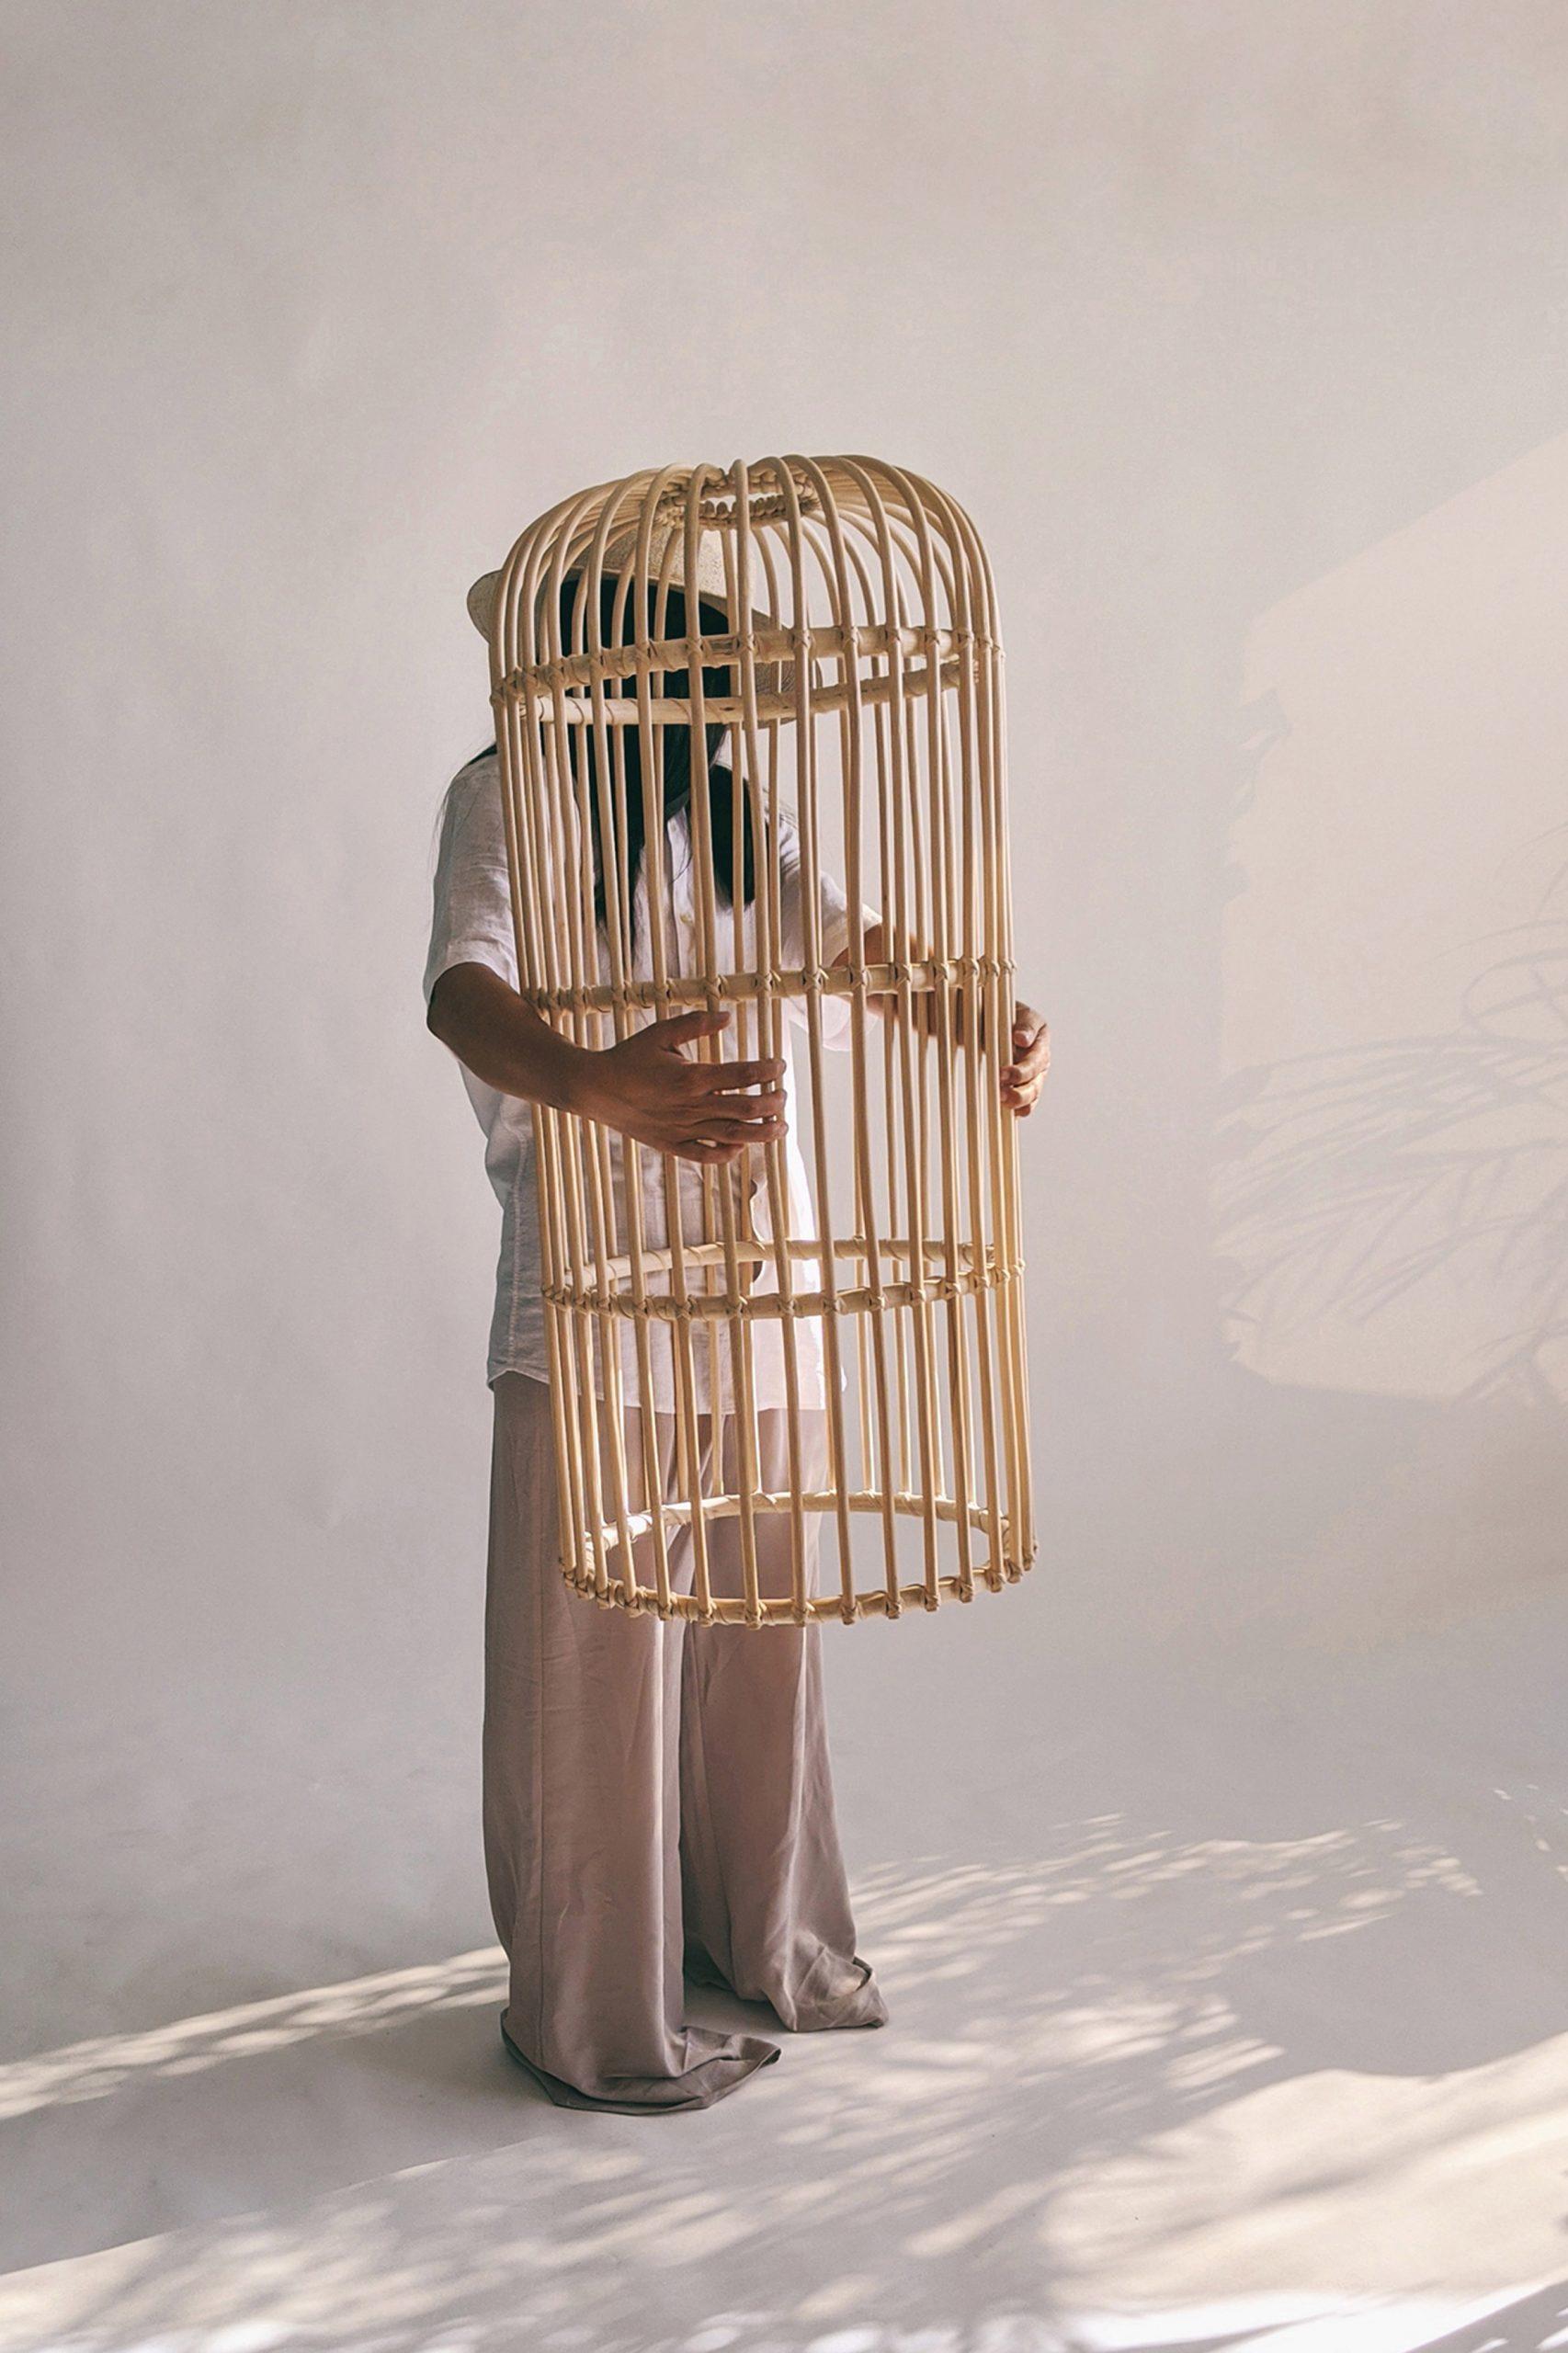 Rattan totems by Christian Vivanco for Balsa